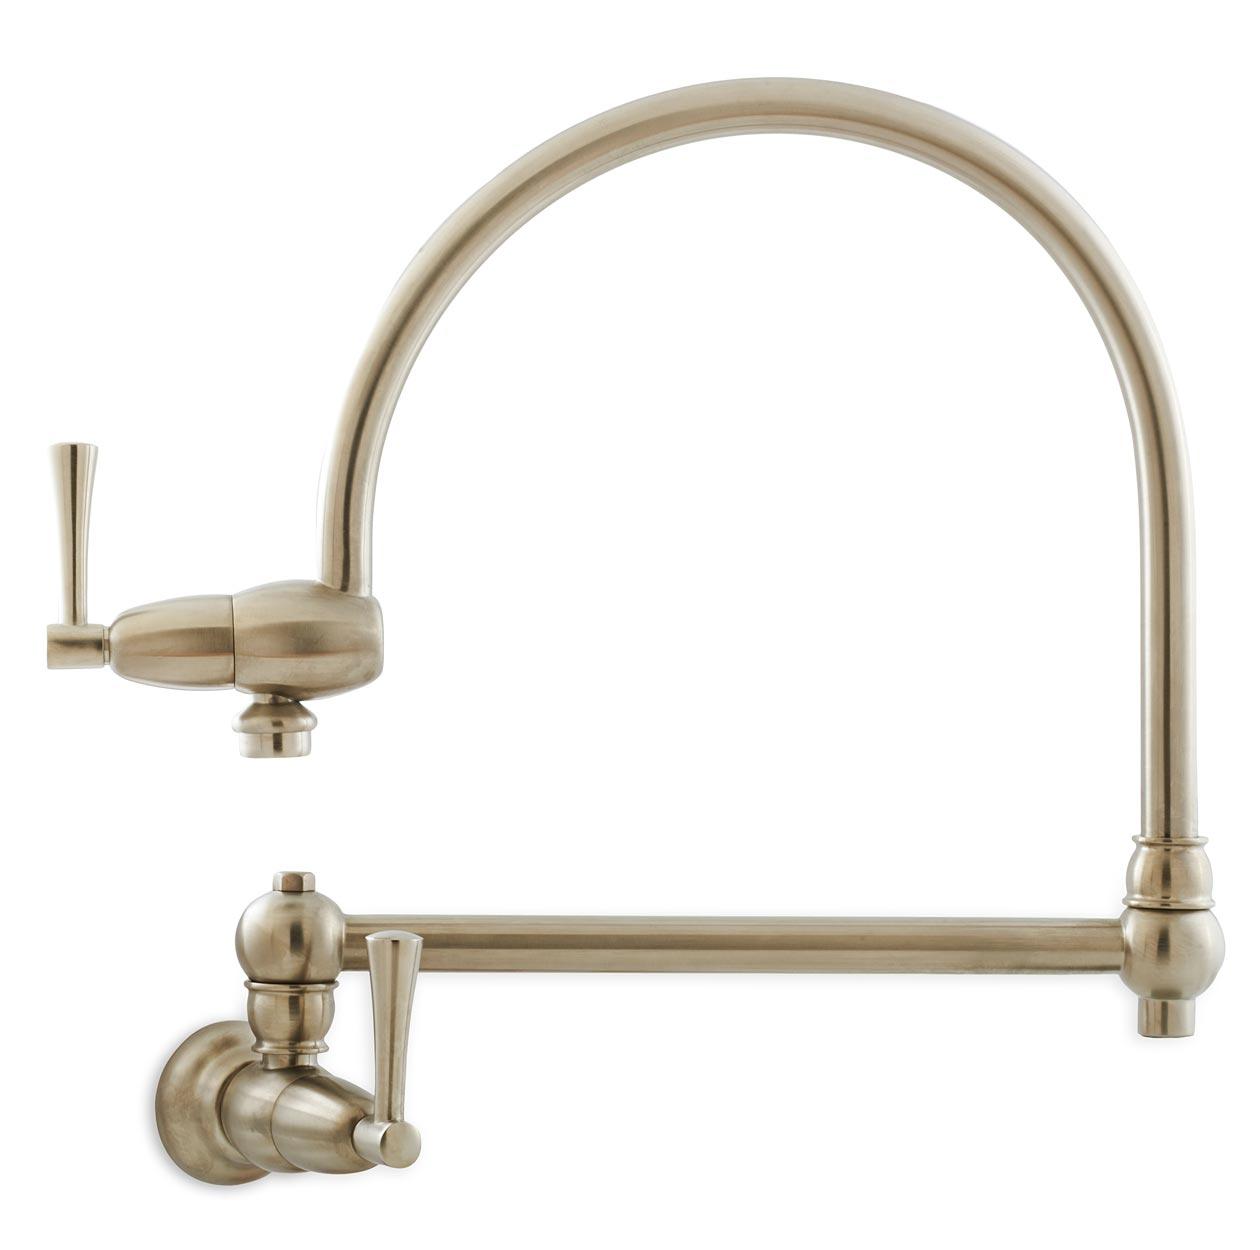 faucet-30.jpg